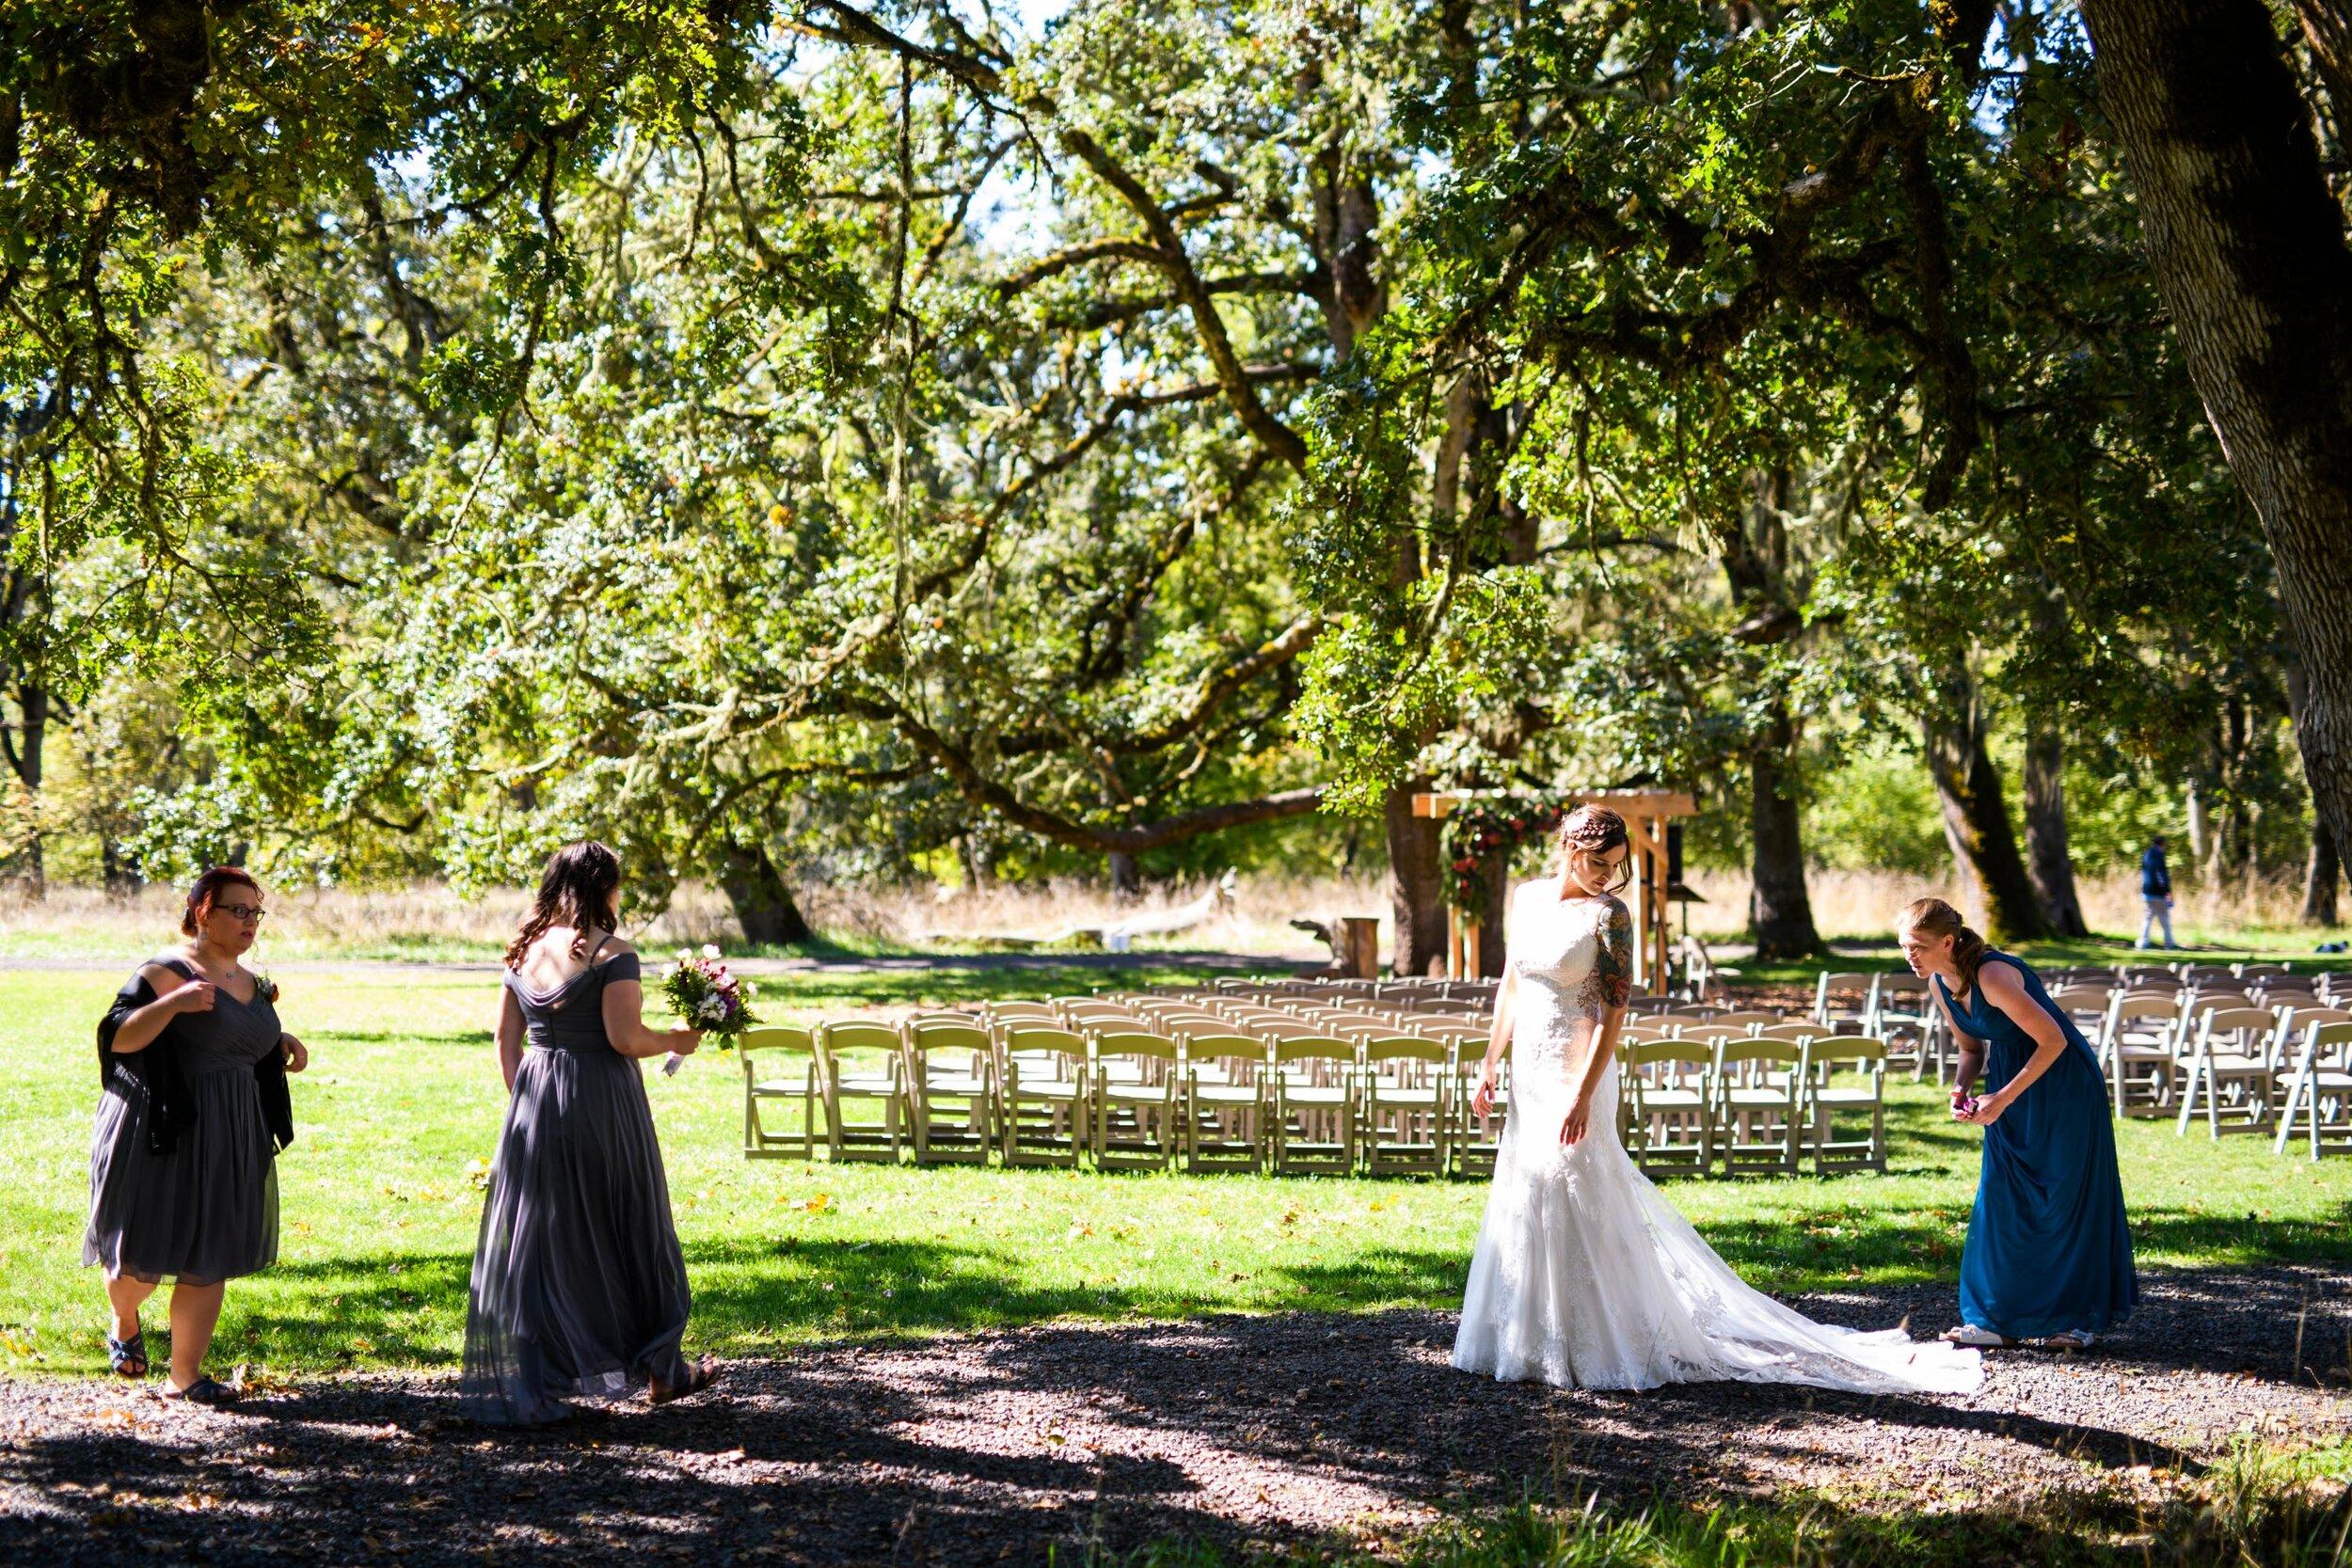 Mt. Pisgah Arboretum wedding photos 16.JPG